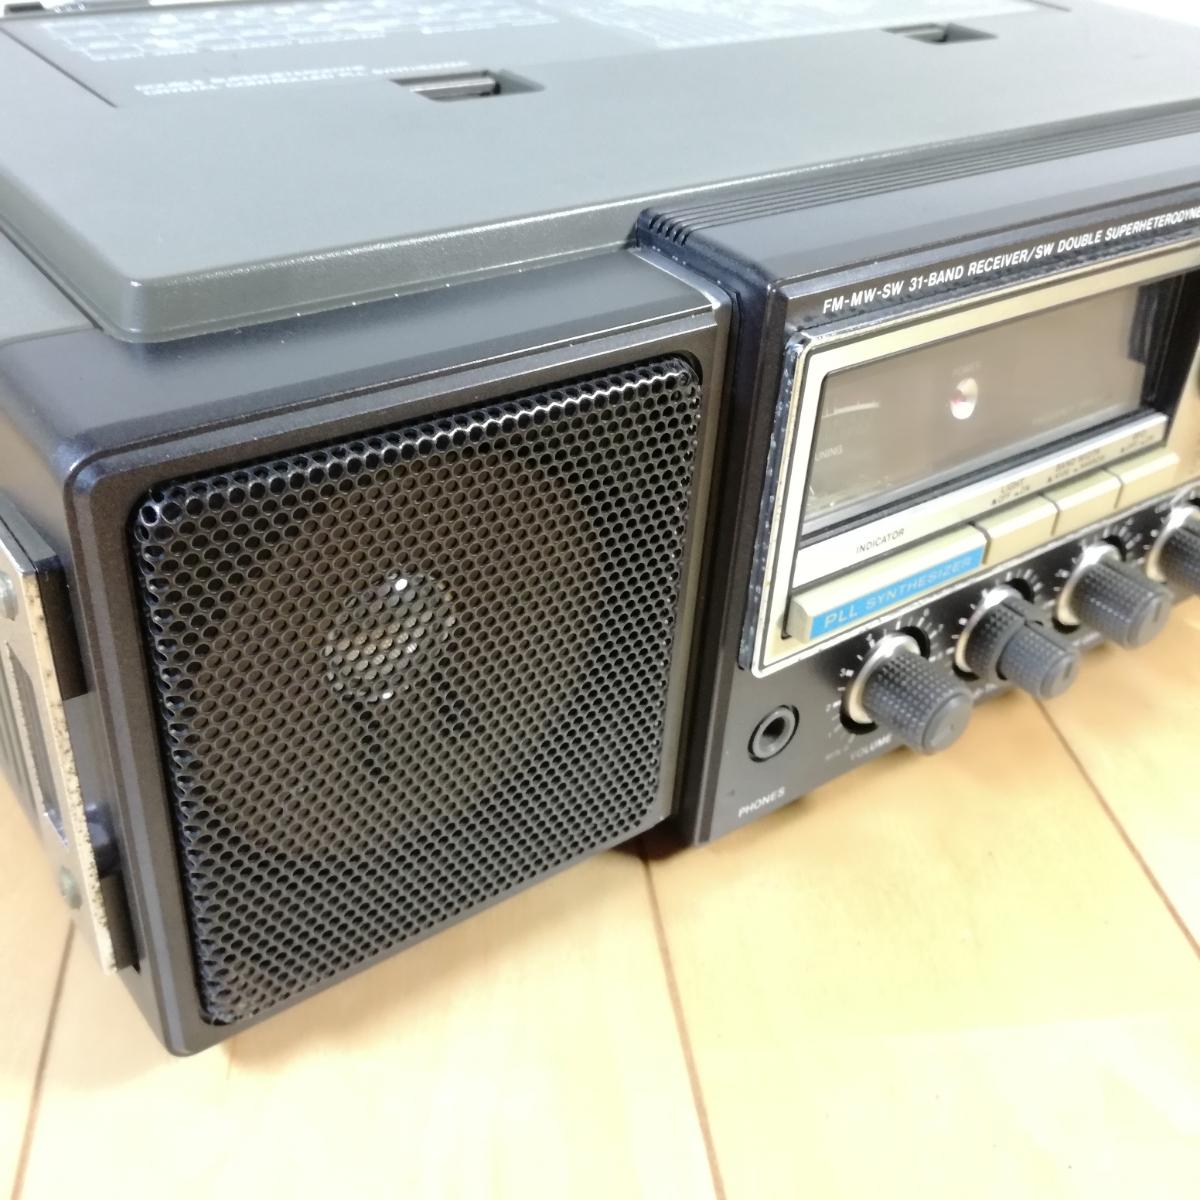 美品!! 動作確認済!! National Panasonic FM-MW-SW 31バンドレシーバー RF-3100 アンティークラジオ _画像3